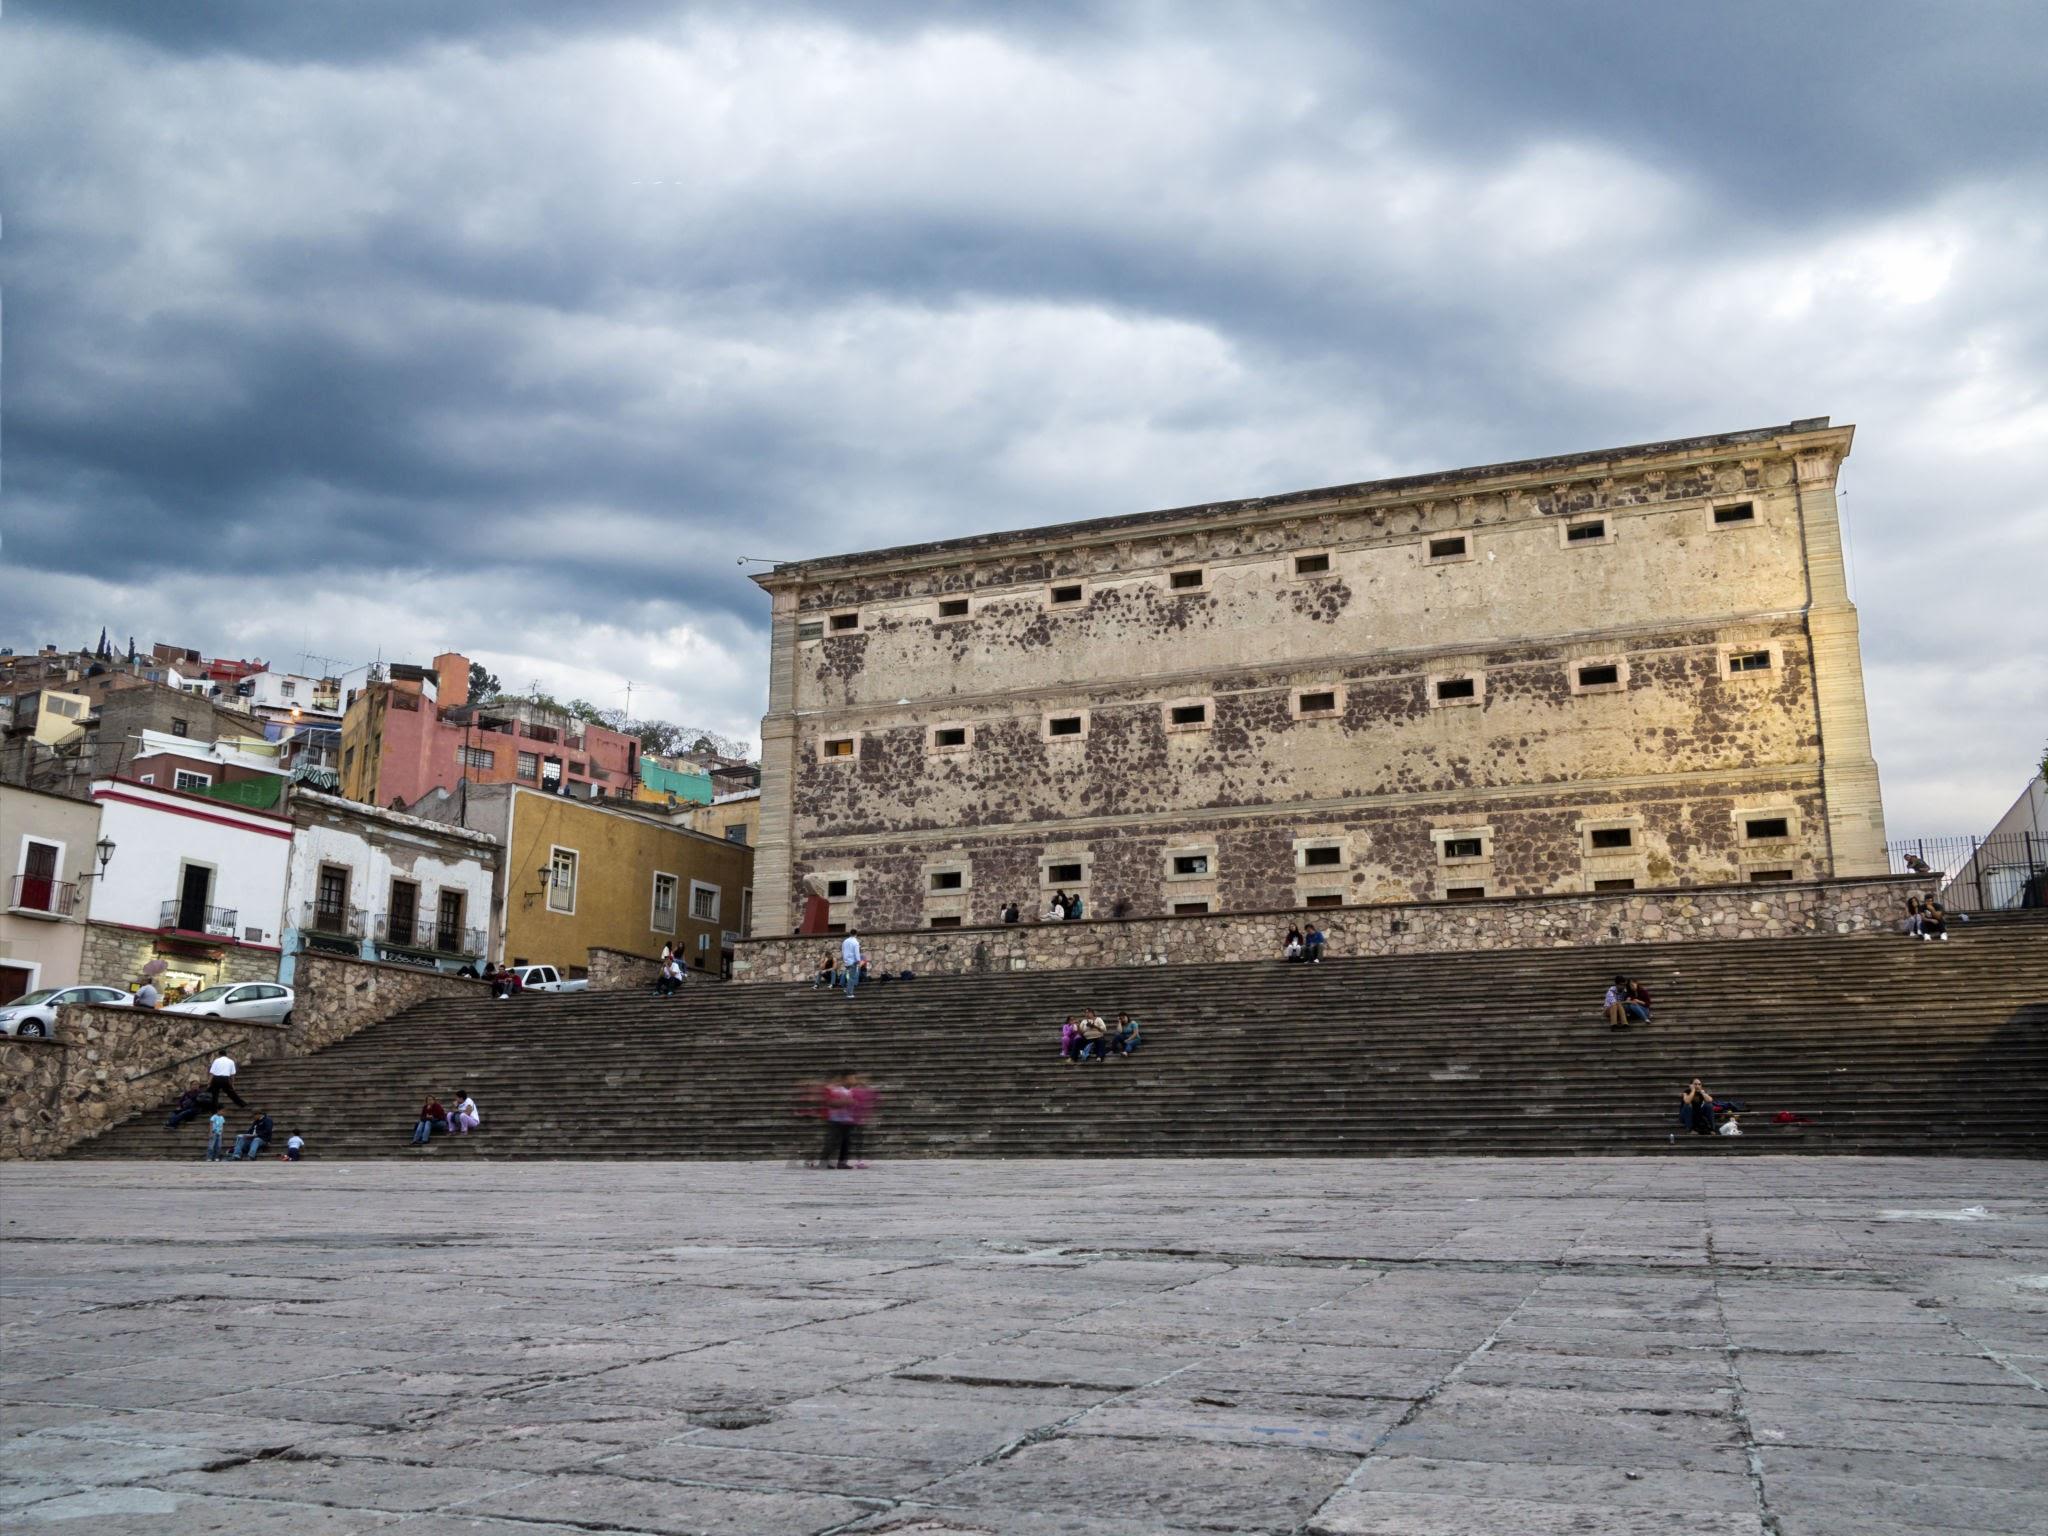 Regional Museum of Guanajuato Alhóndiga de Granaditas